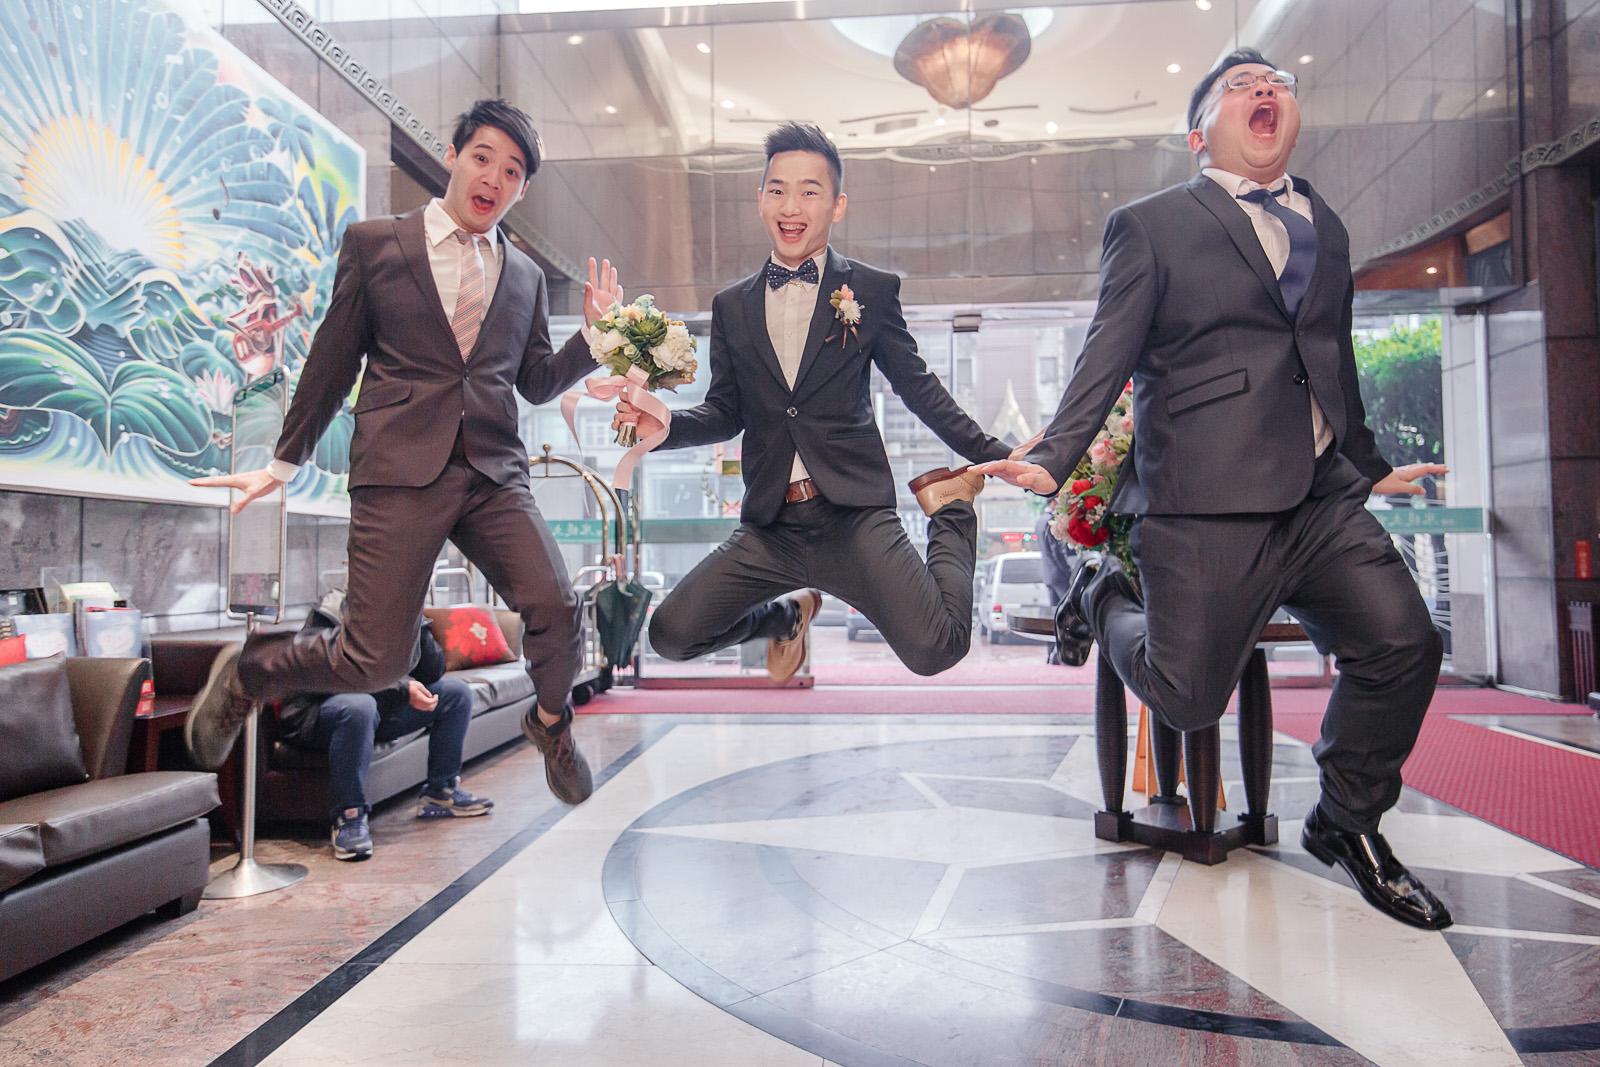 高雄圓山飯店,婚禮攝影,婚攝,高雄婚攝,優質婚攝推薦,Jen&Ethan-111